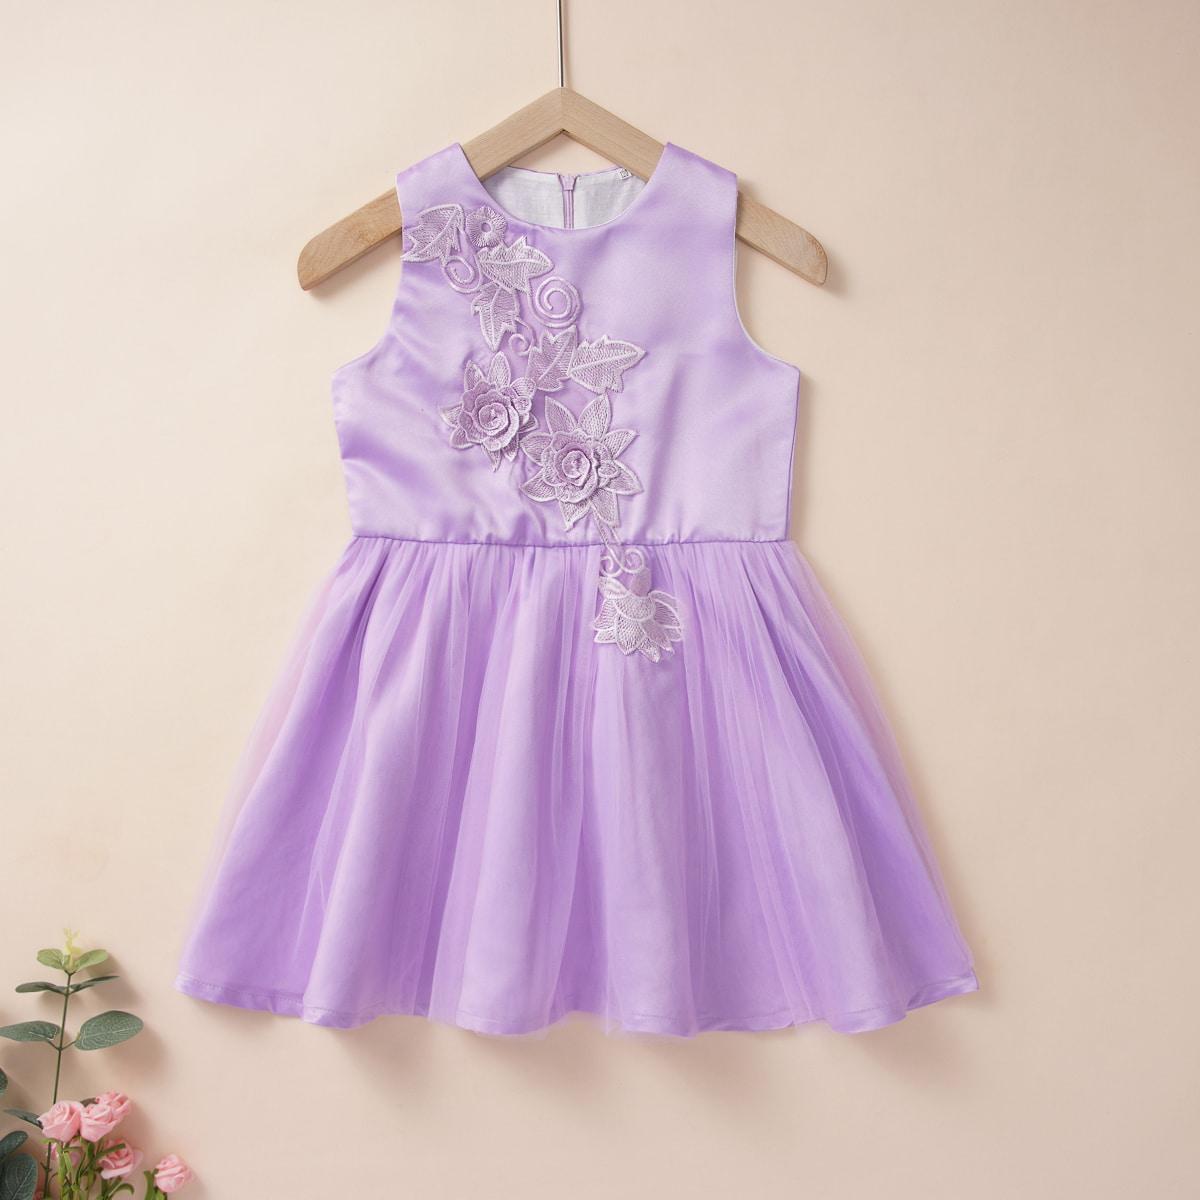 SHEIN / Mädchen Kleid mit Blumen Applikation und Netzstoff